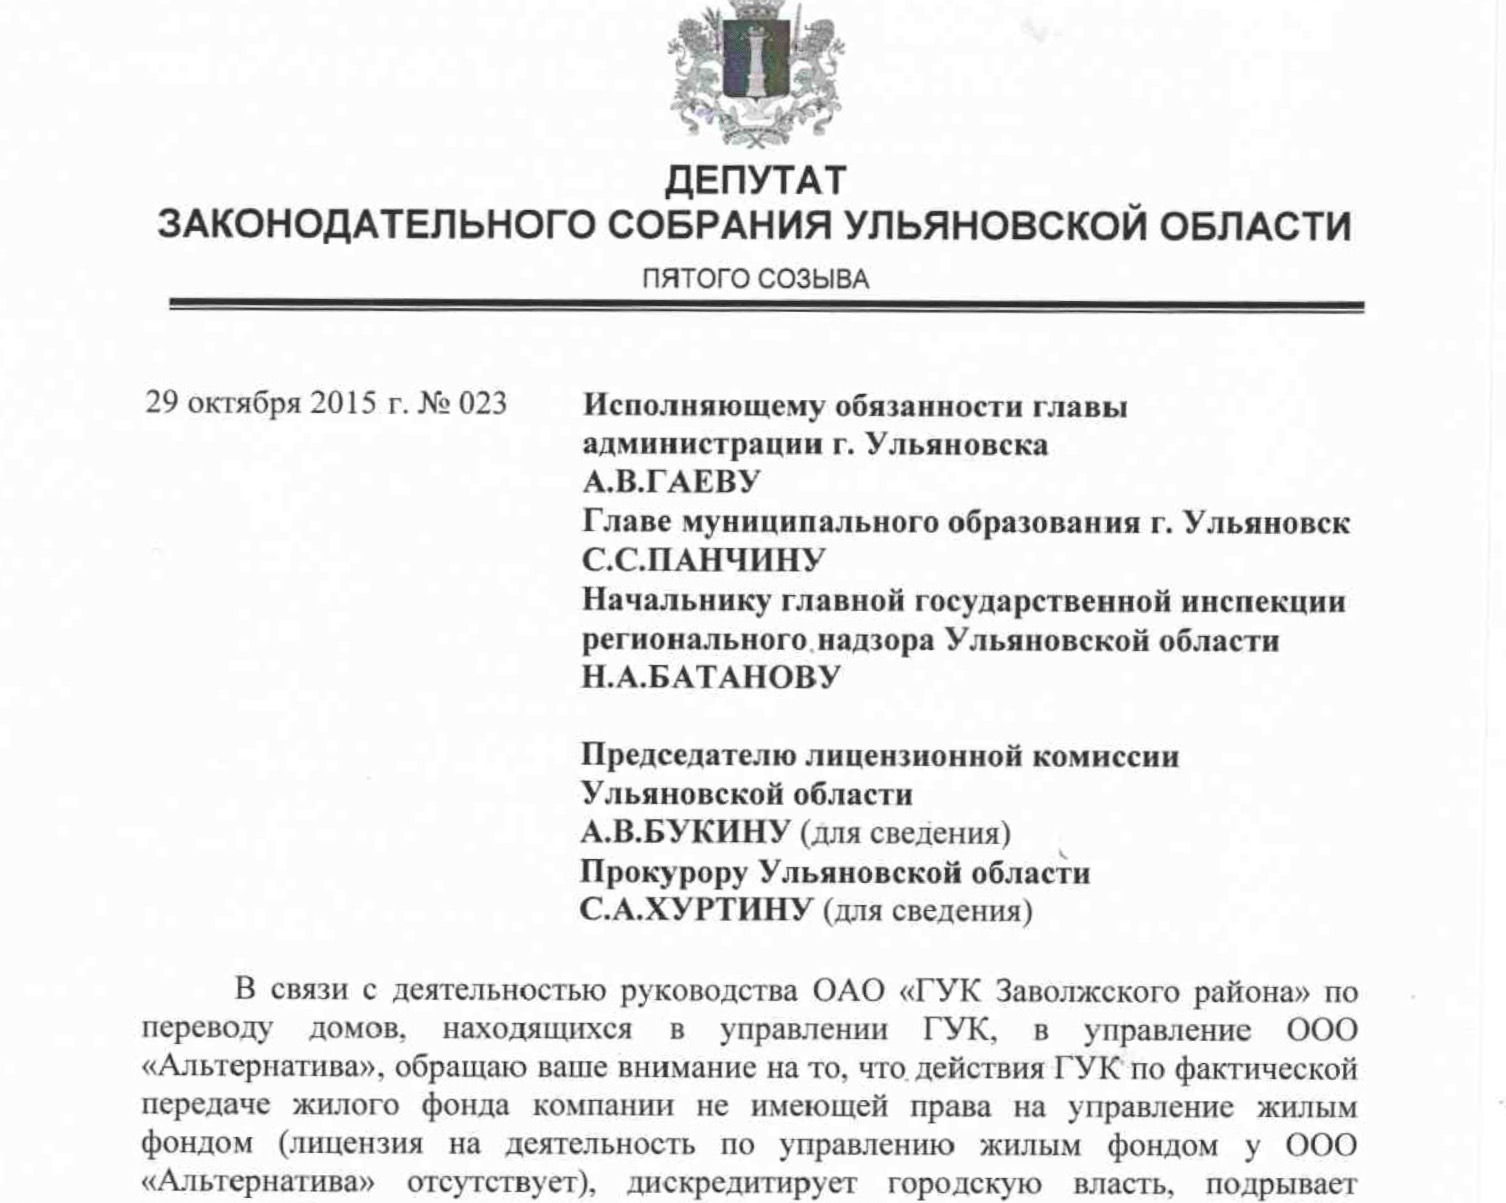 Кто спасет городскую управляющую компанию Заволжского района?